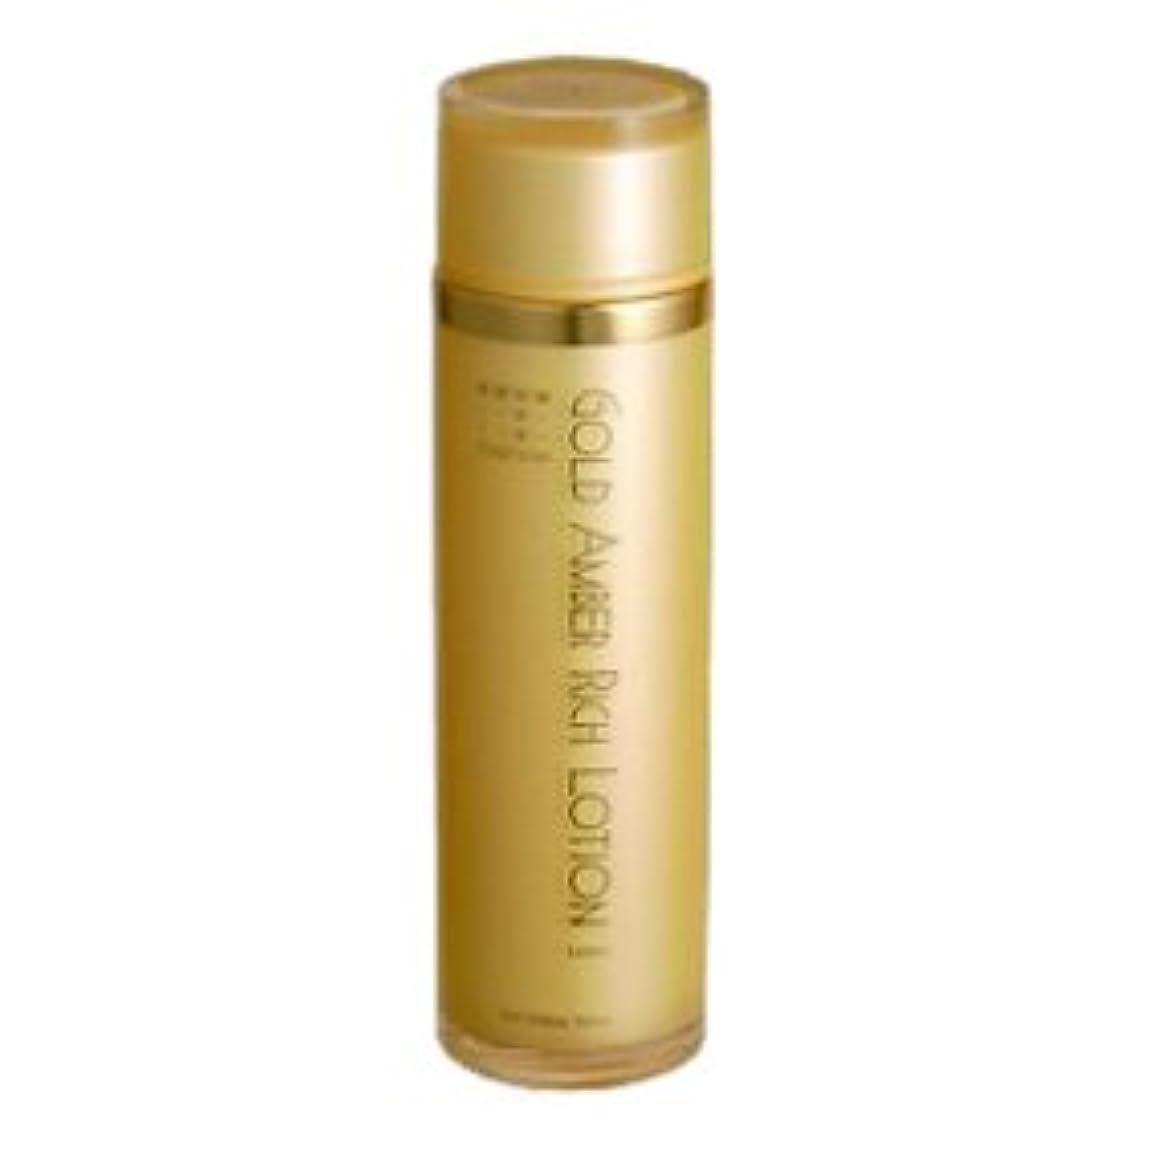 マラウイバーペンコスメプラウド ゴールドアンバーリッチローション120ml(化粧水)